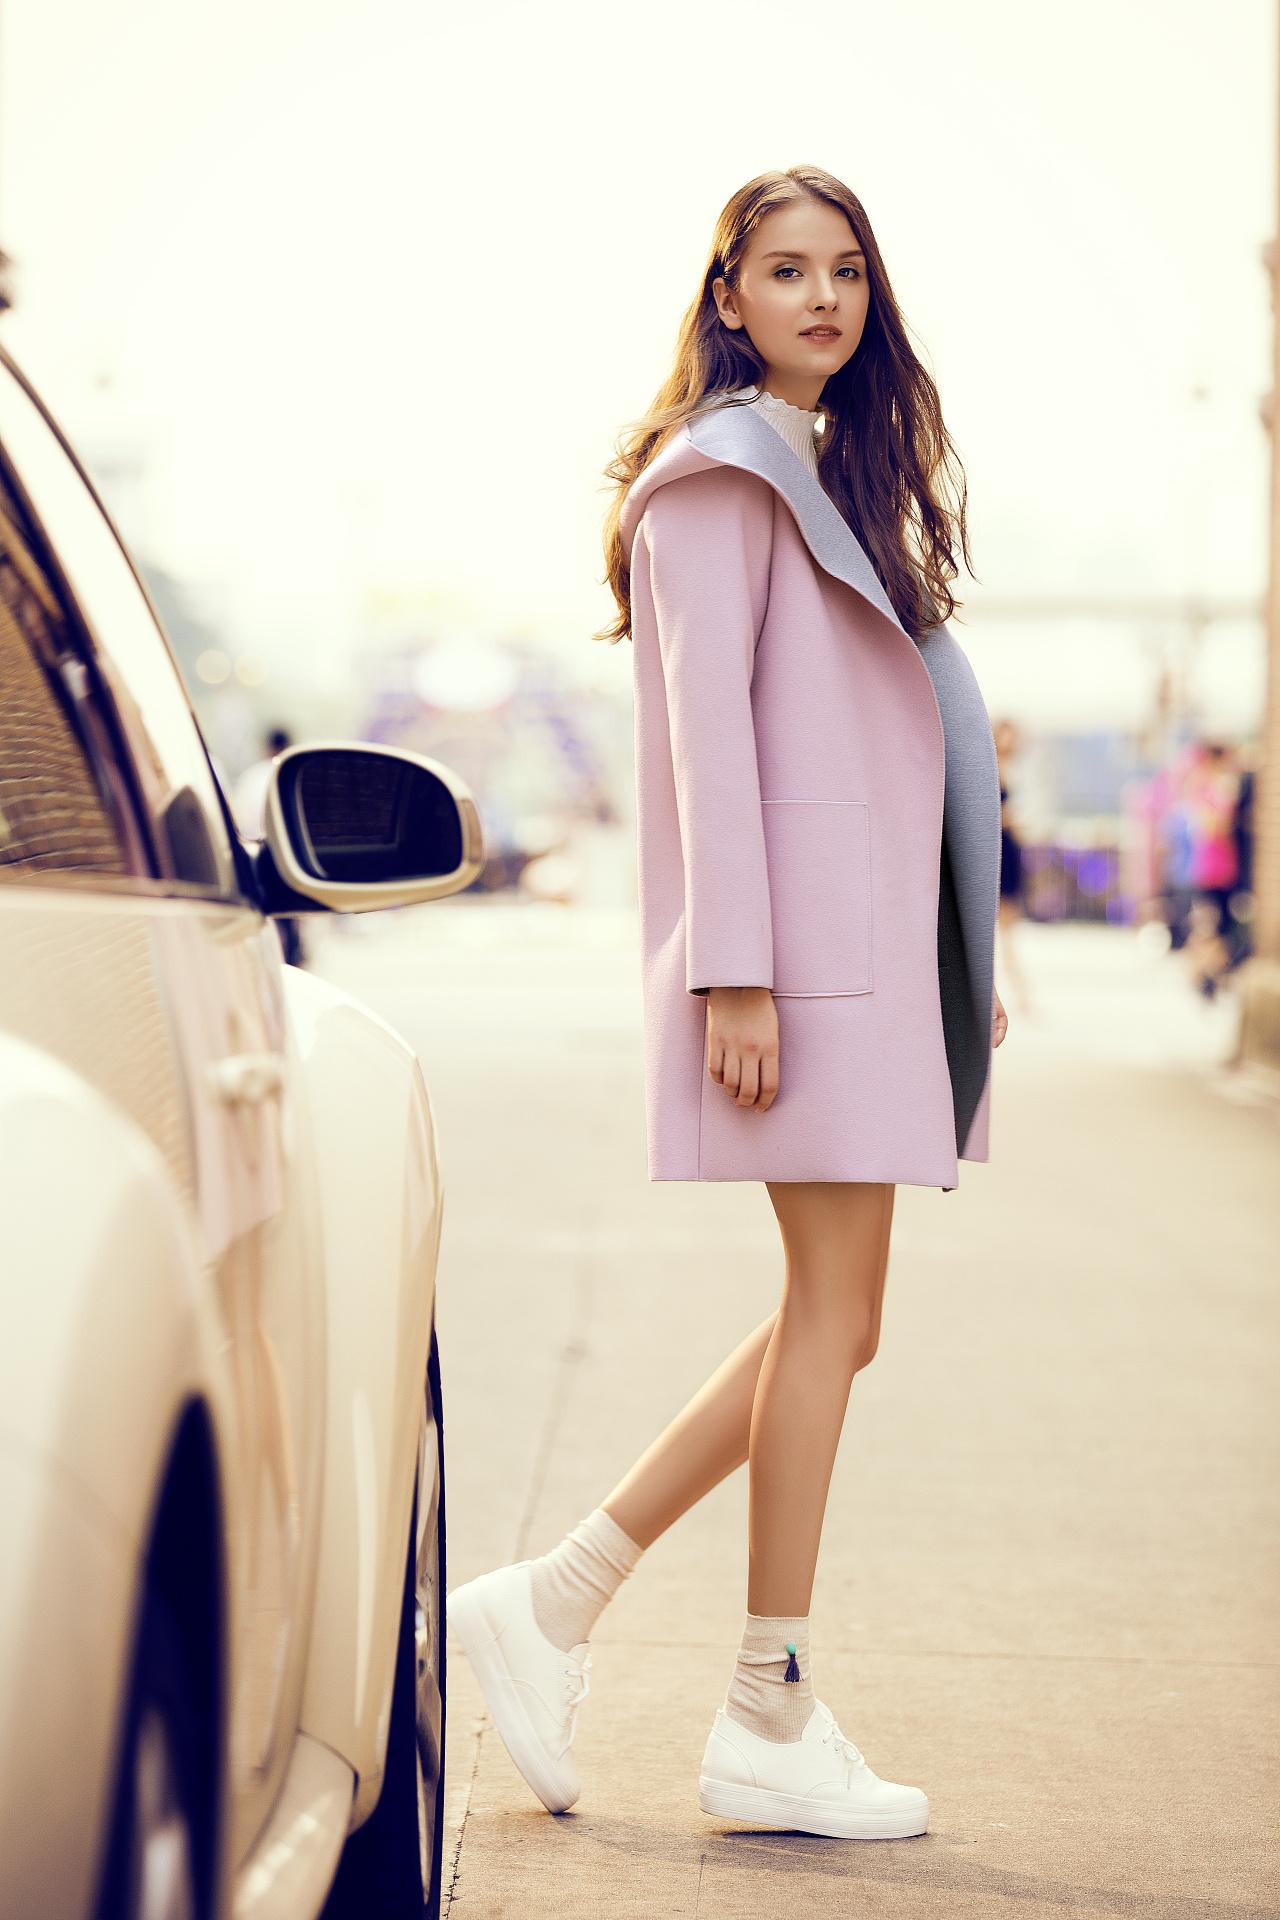 品牌女装_inshop女装品牌时尚大片/服装拍摄公司/服装摄影/时装女装拍摄 ...